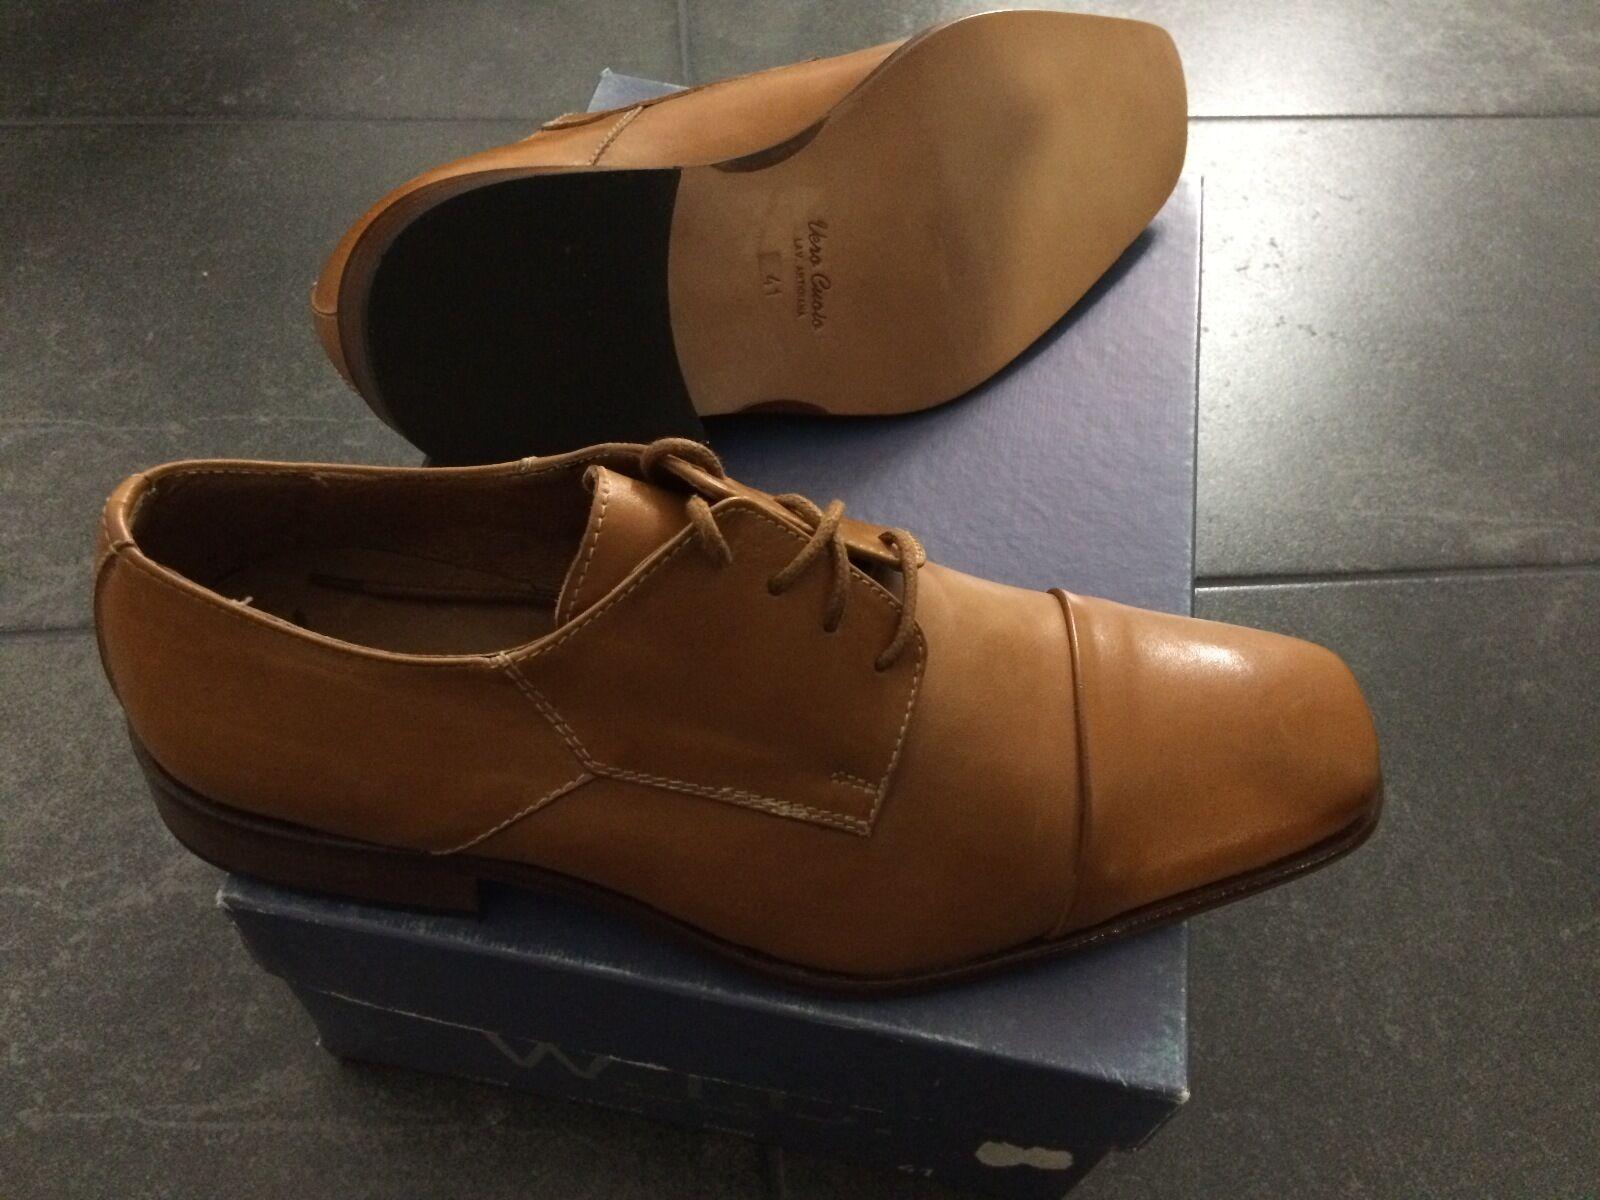 W.T.C. Nagelneue 41 Italienische Leder Schuhe Gr. 41 Nagelneue mit echter Leder Sole OVP ce17e5